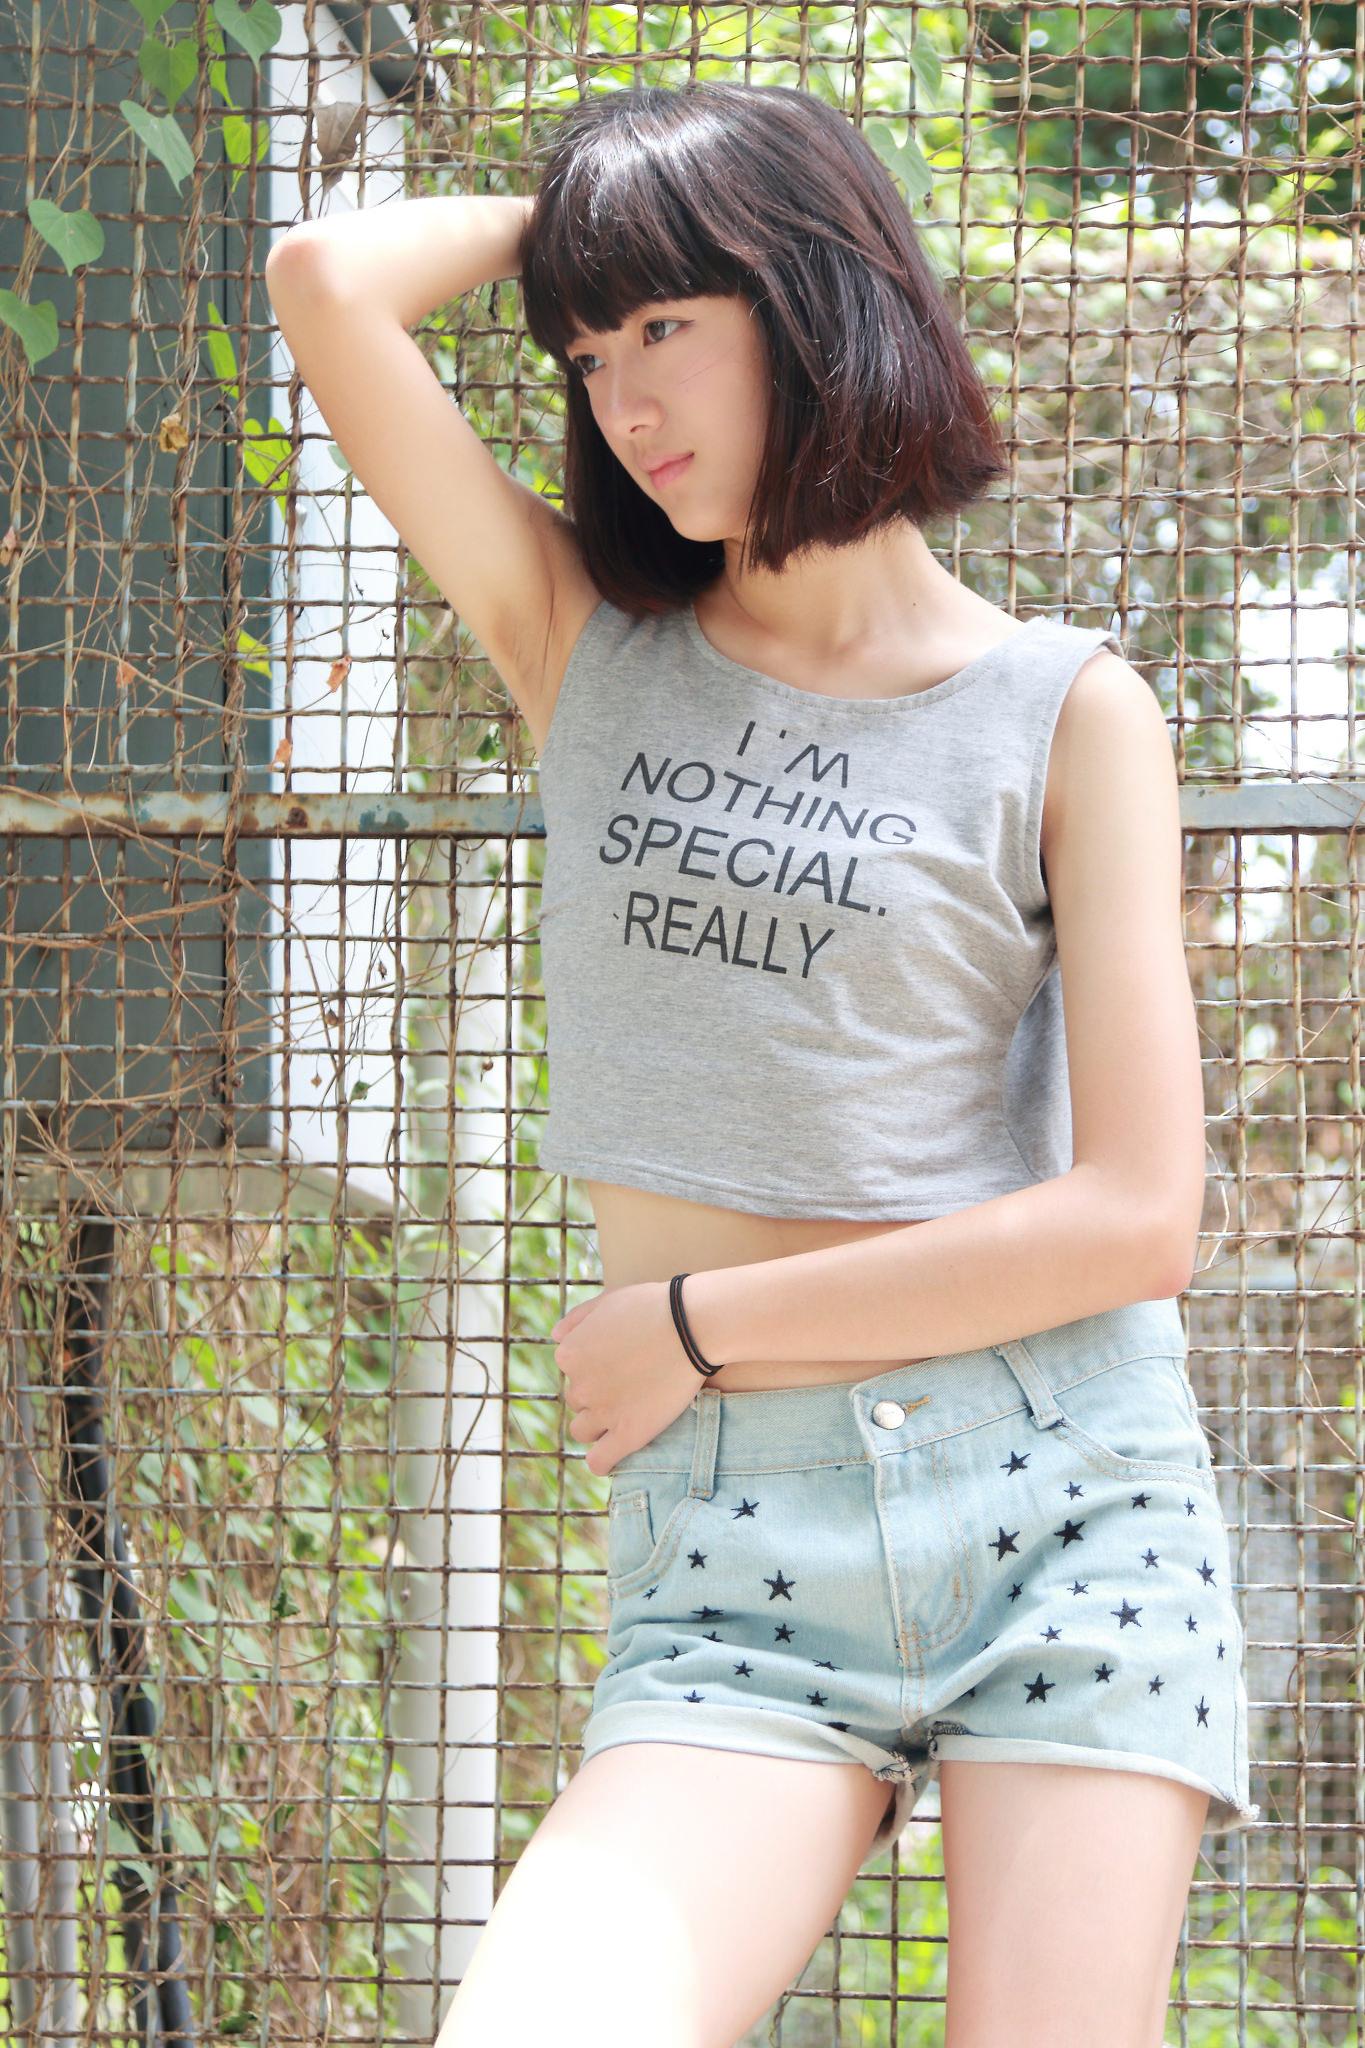 美少女摄影选集 - 青梅酒女 - 青梅酒女的博客